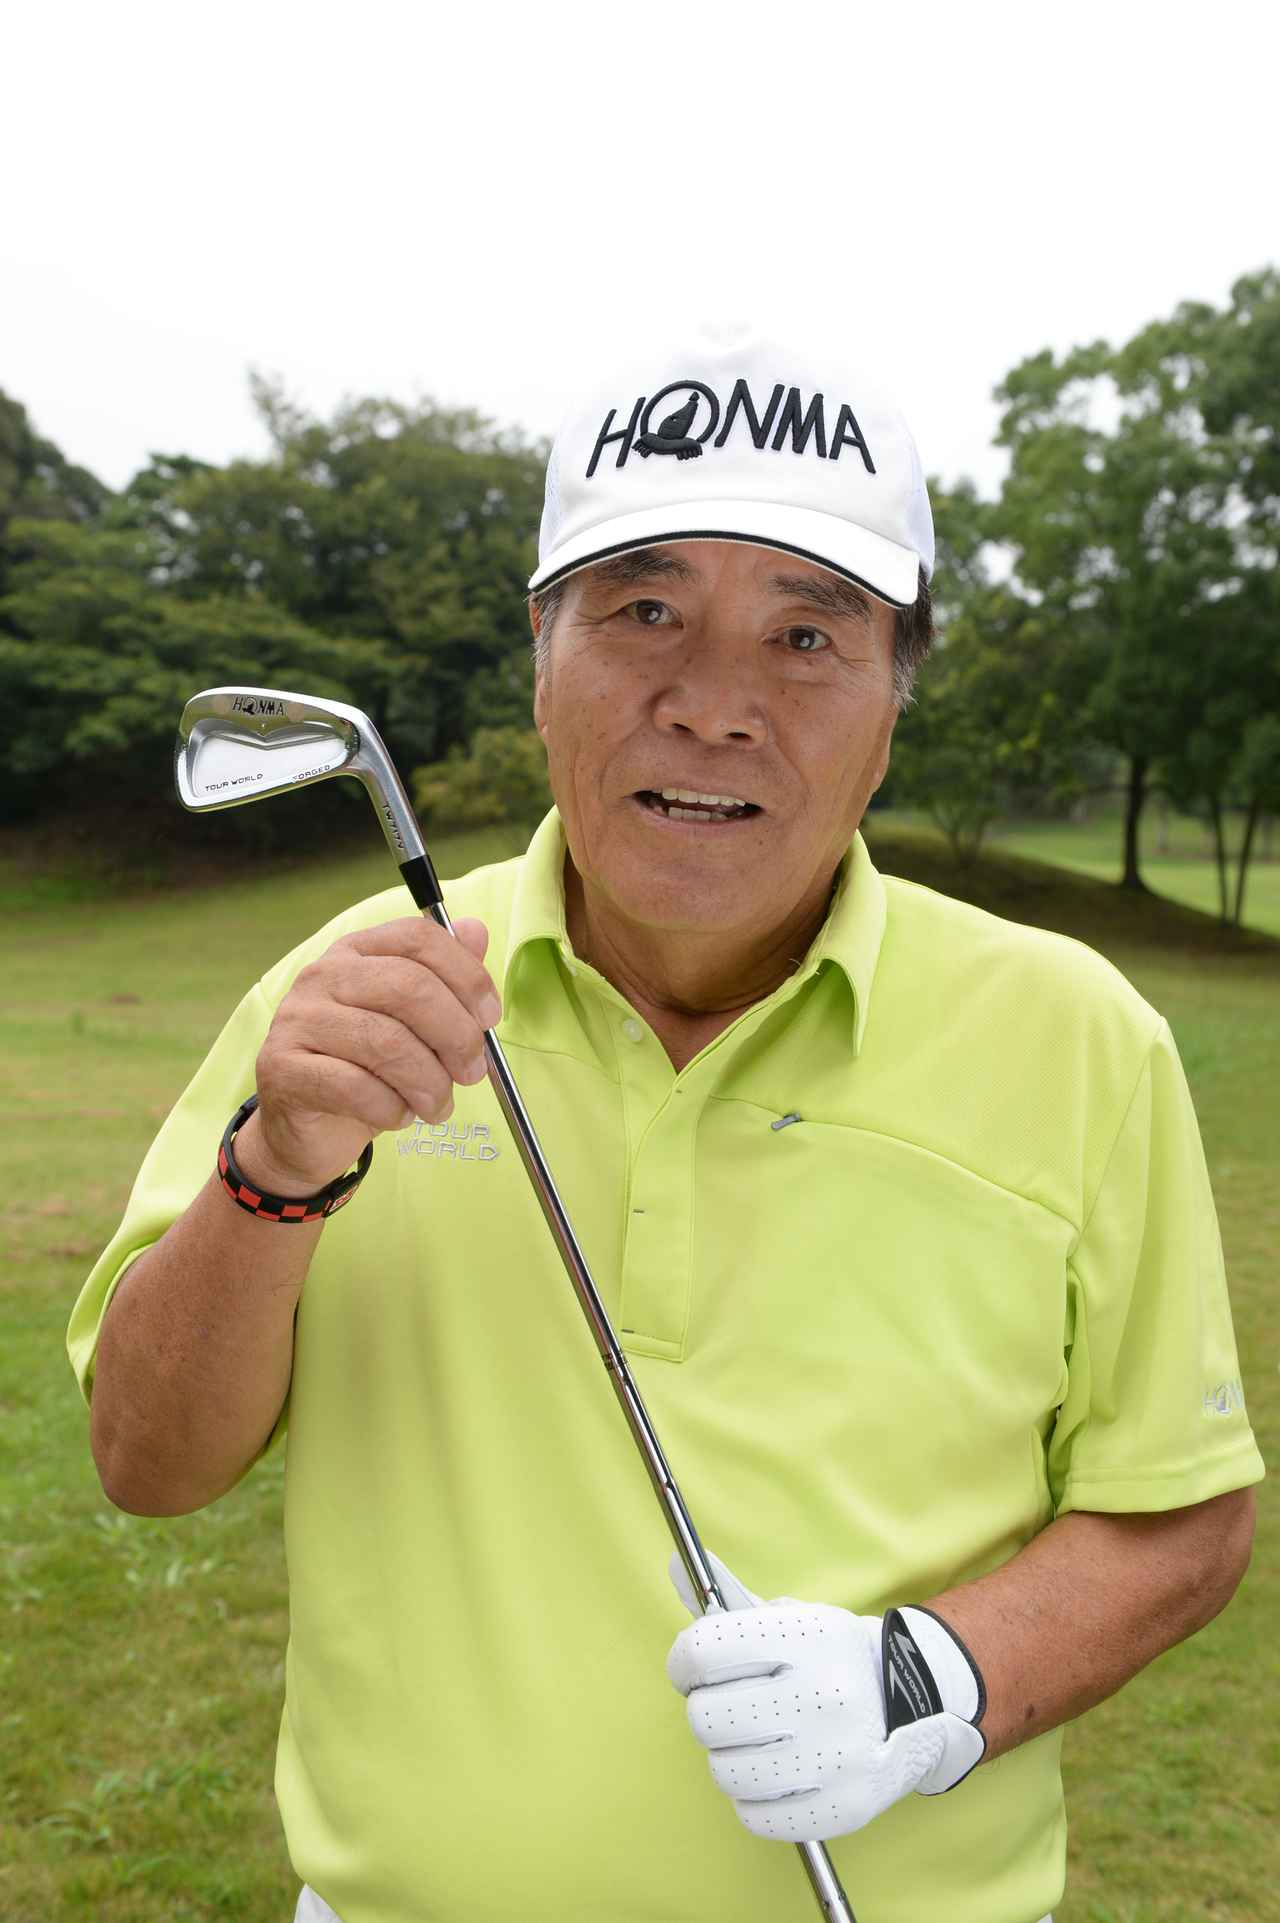 画像: 安田春雄プロ。 ピンに絡むアイアンを武器に一時代を築いた昭和を代表するアイアンの名手